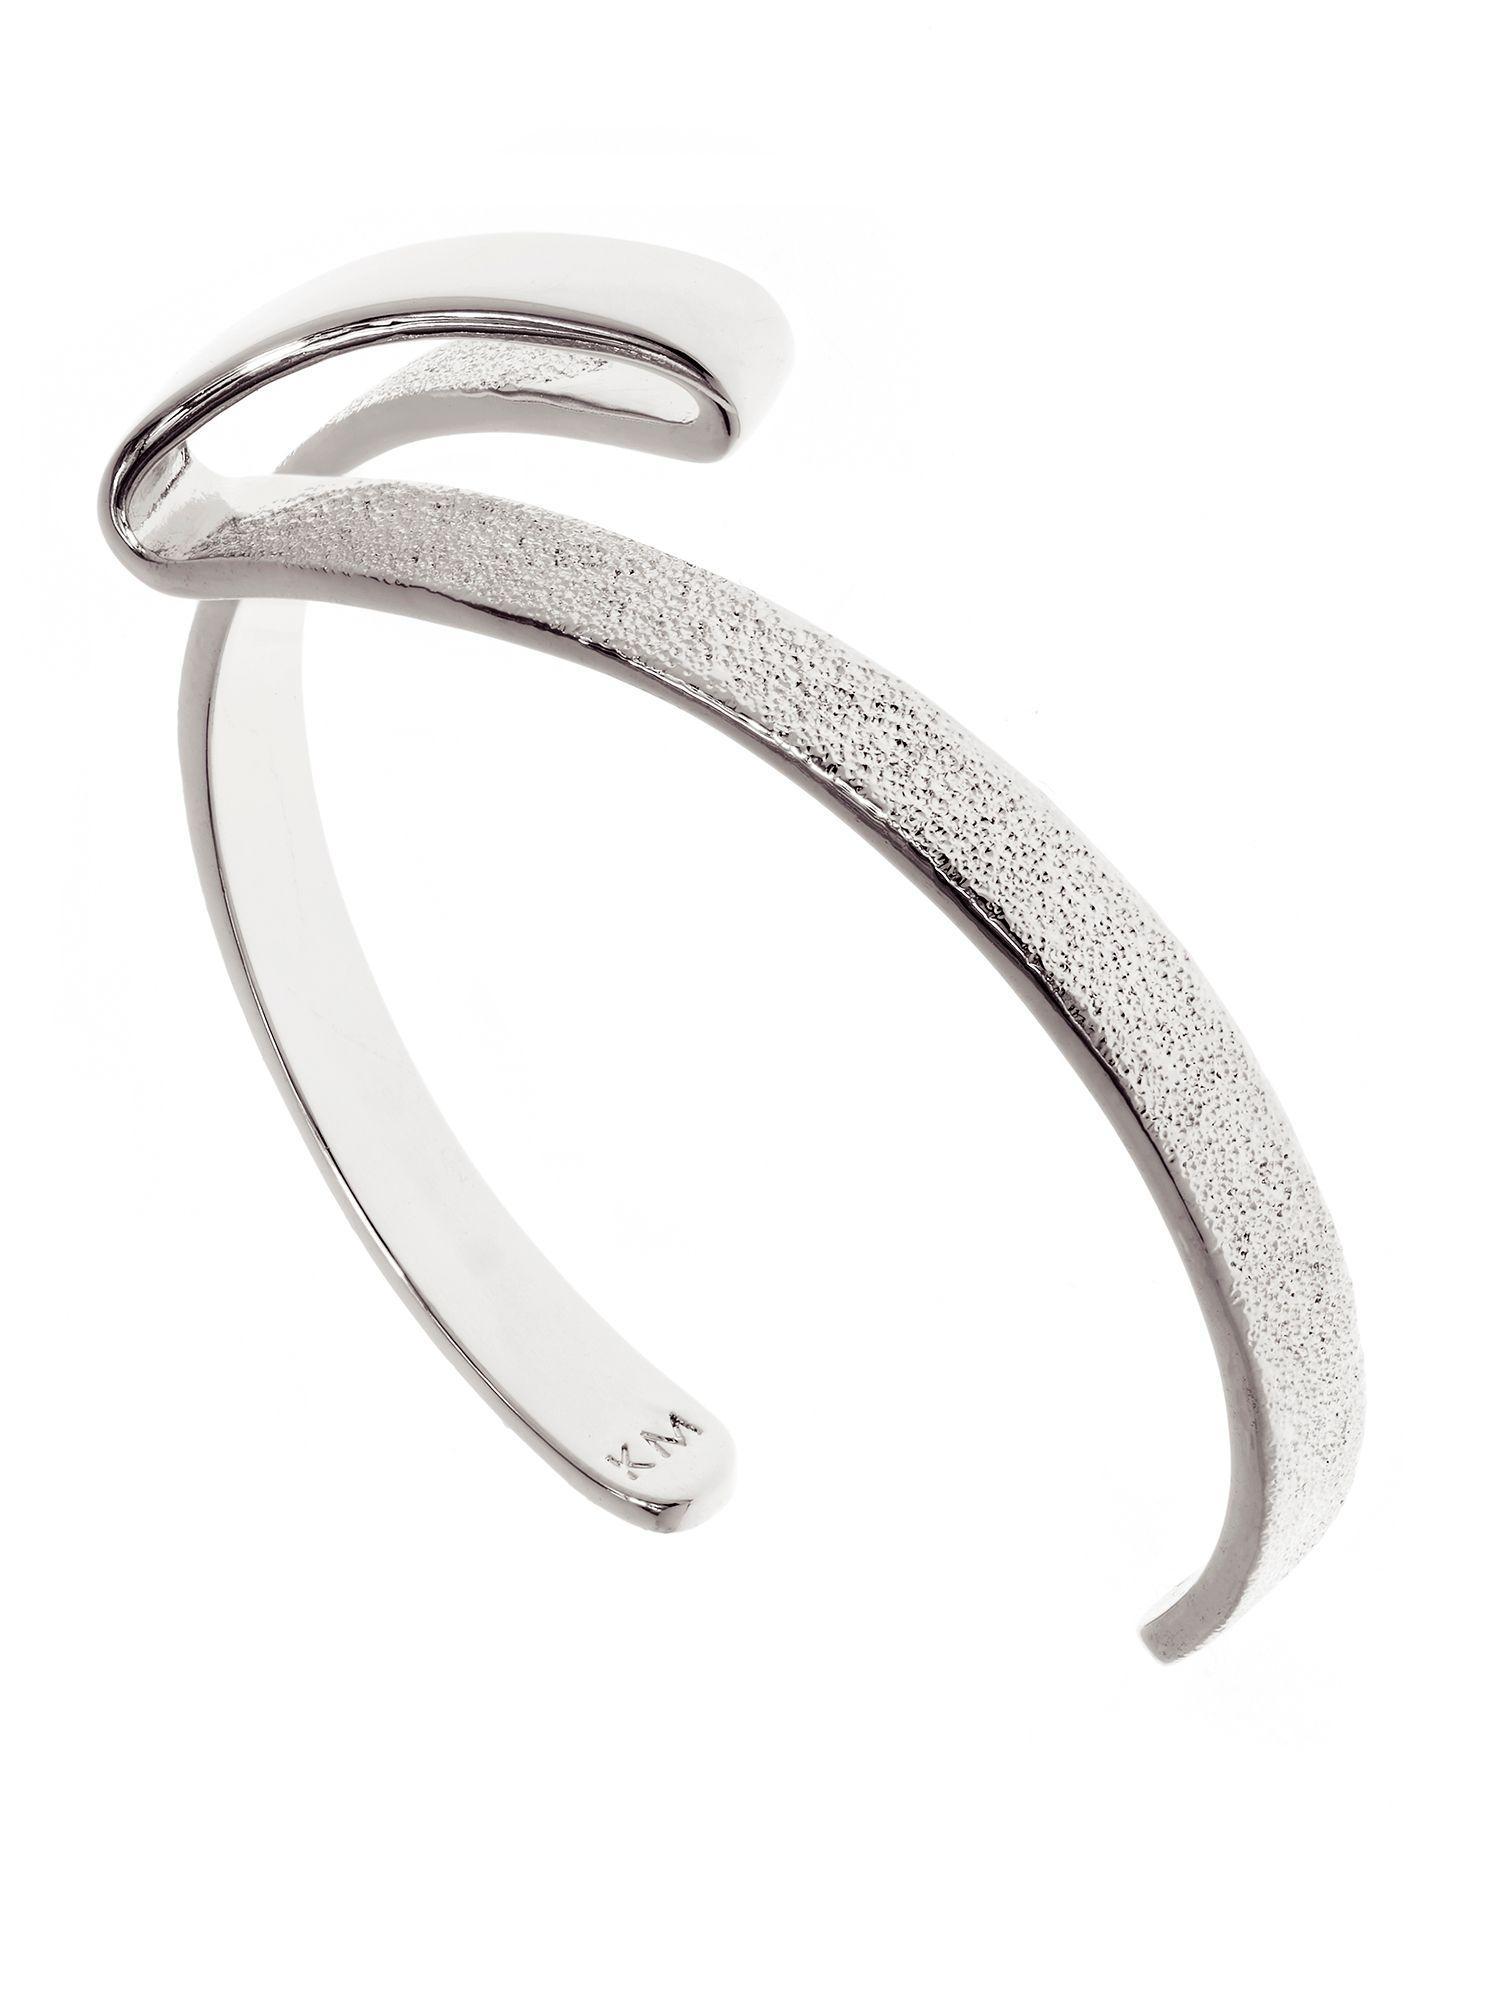 Karen Millen Folded Cuff in Metallic